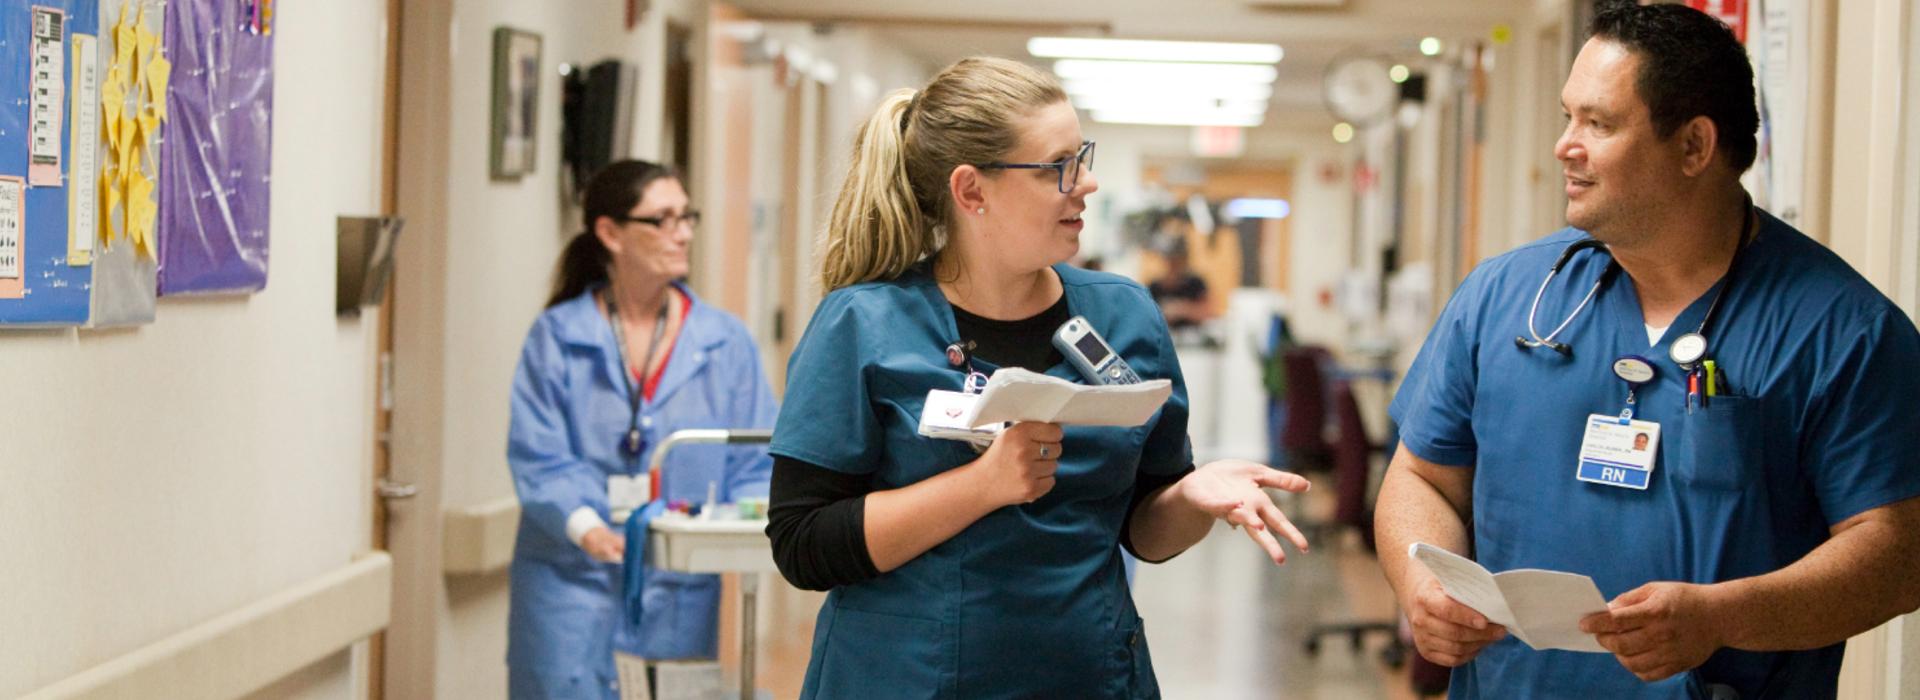 MedStar St. Mary's Hospital